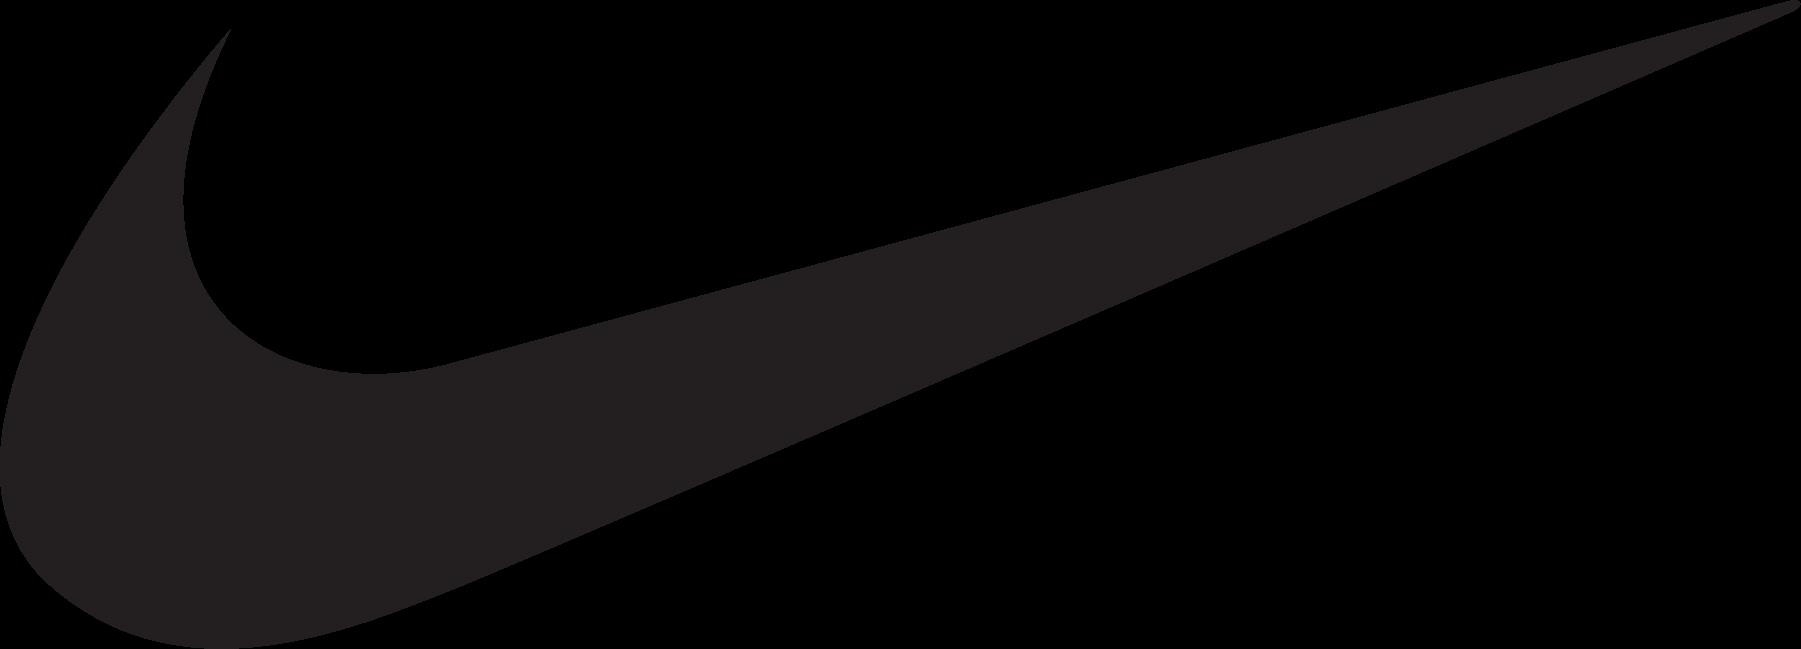 logo-nike-2048.png